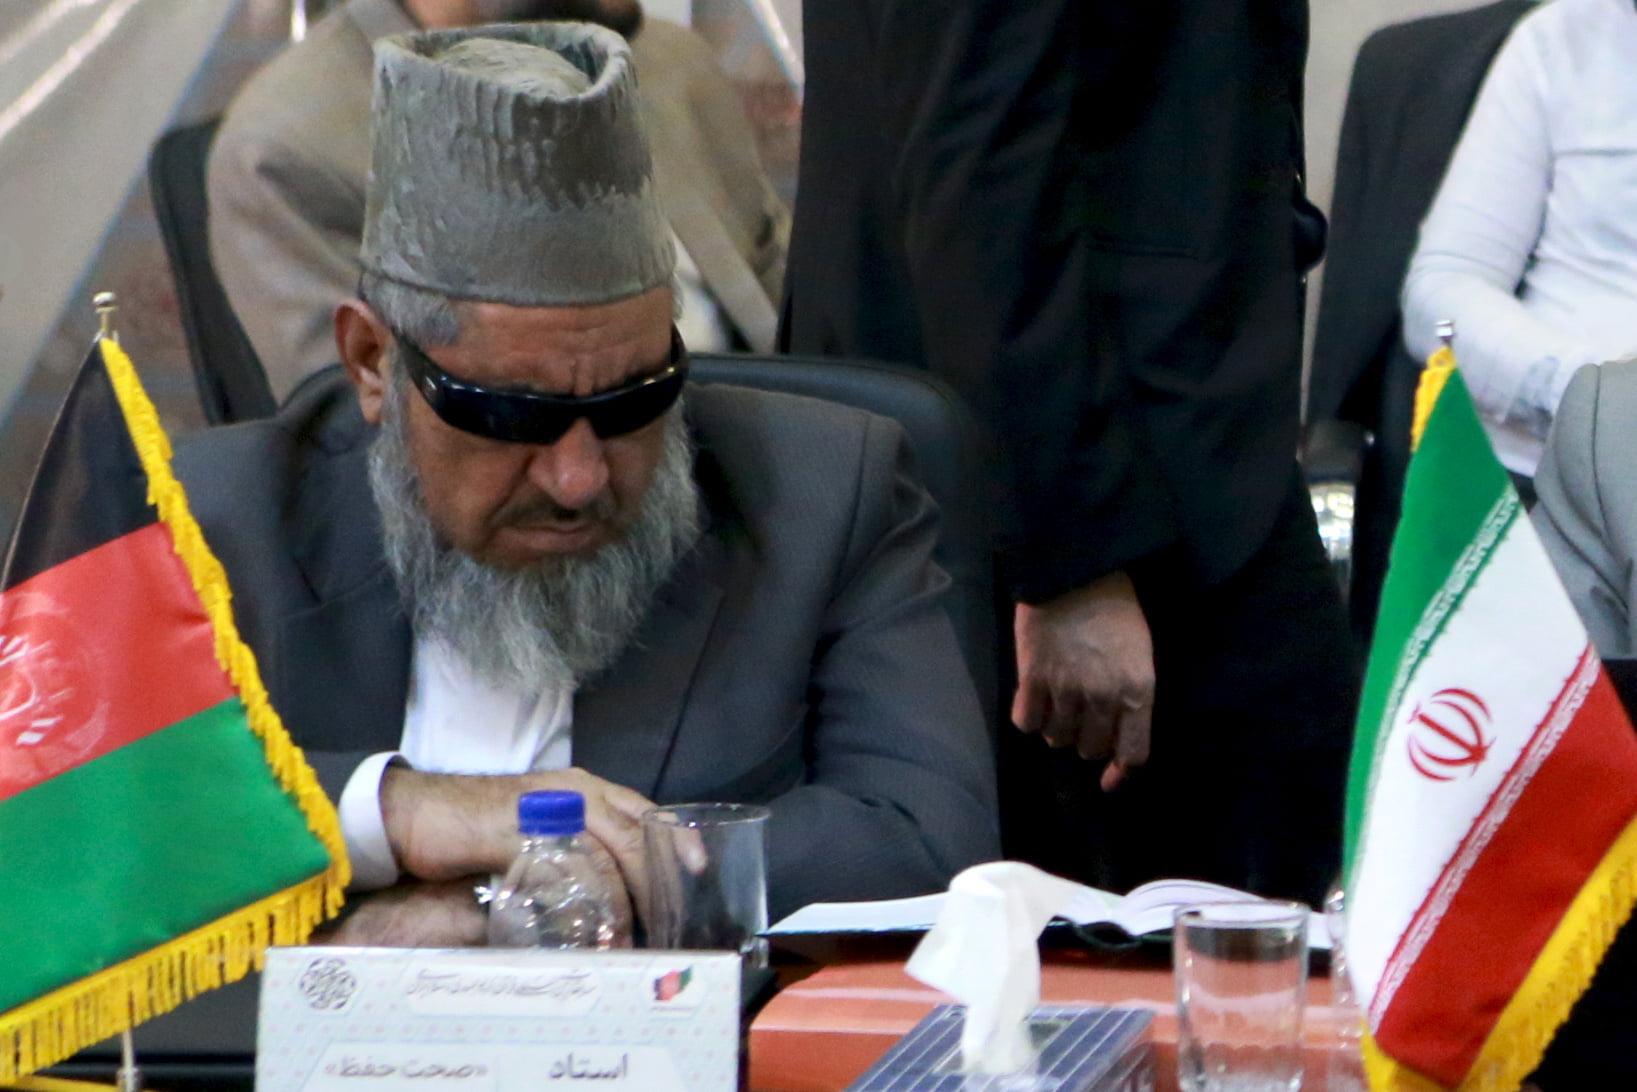 برکتالله سلیم - داور بین المللی کشورمان در مسابقات قرآن برای ایجاد وحدت چه توصیه ای دارد؟